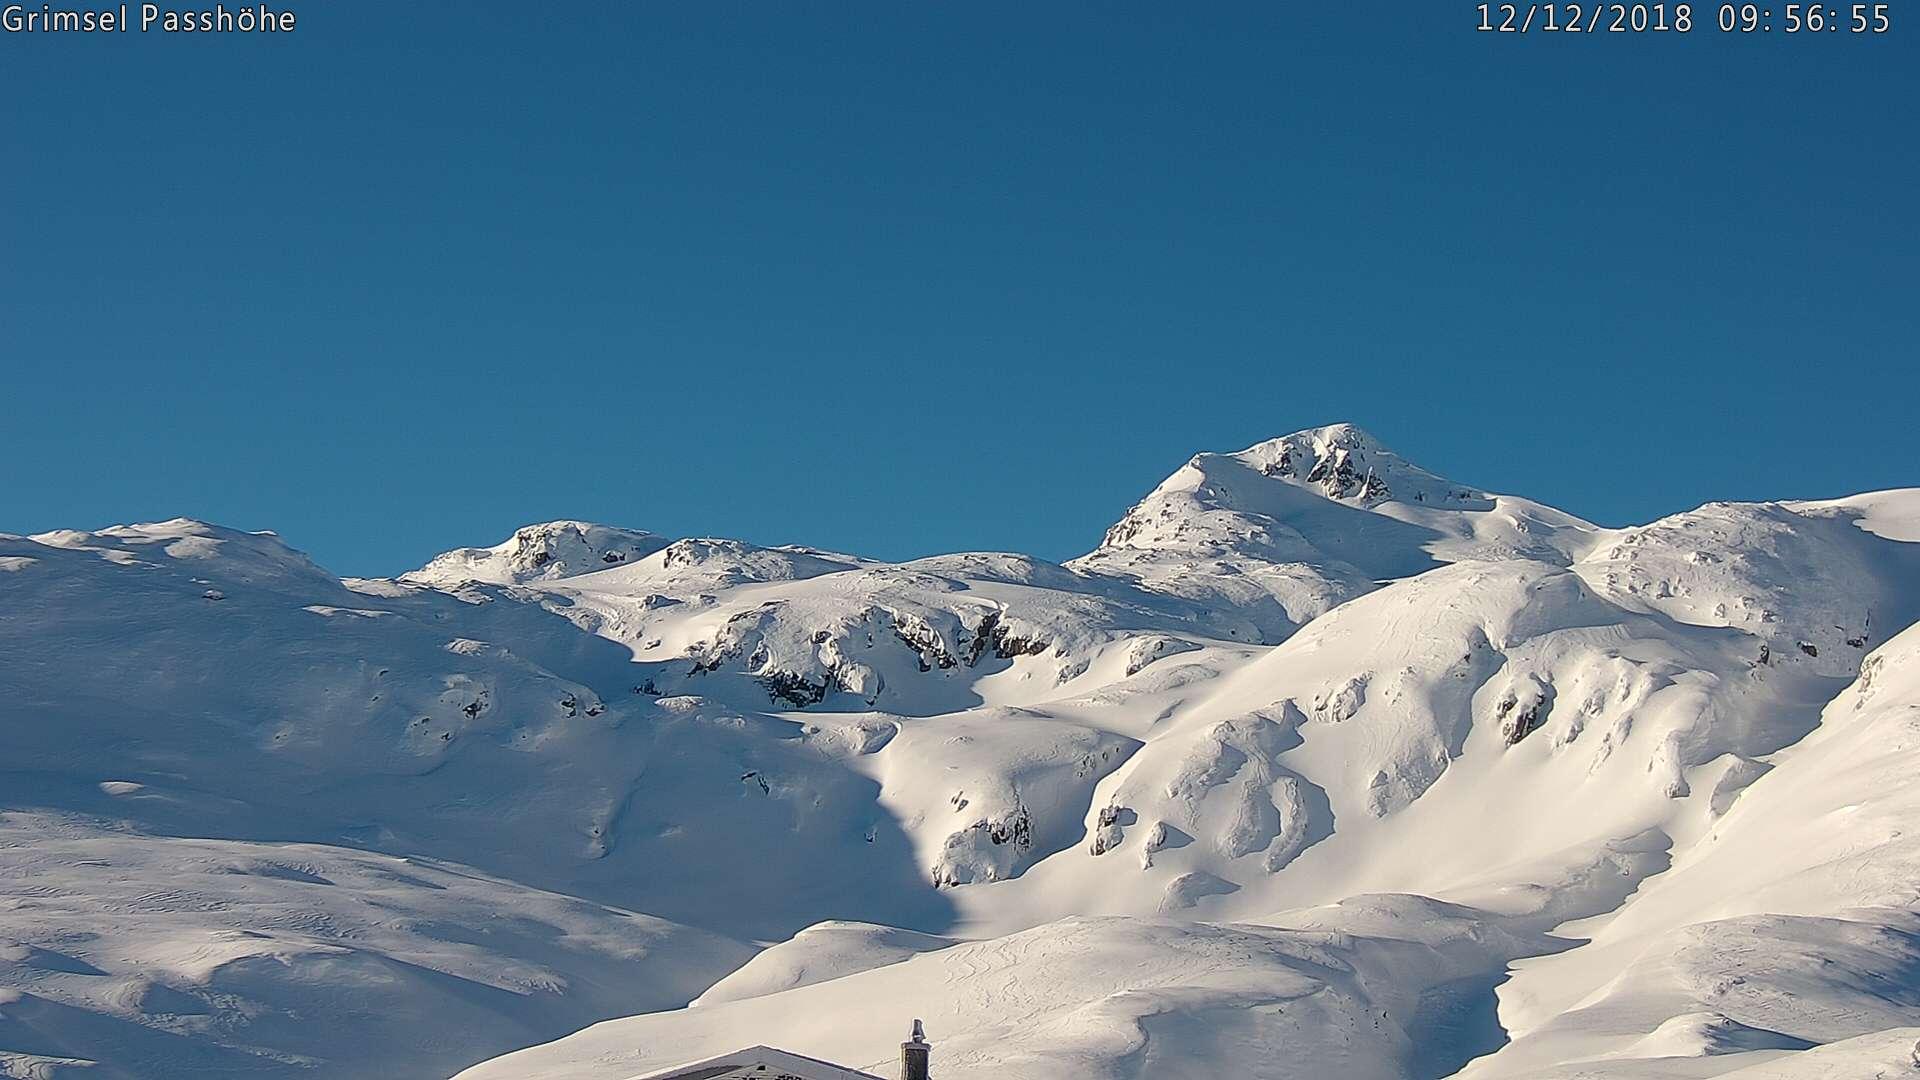 Winterspass auf dem Grimselpass